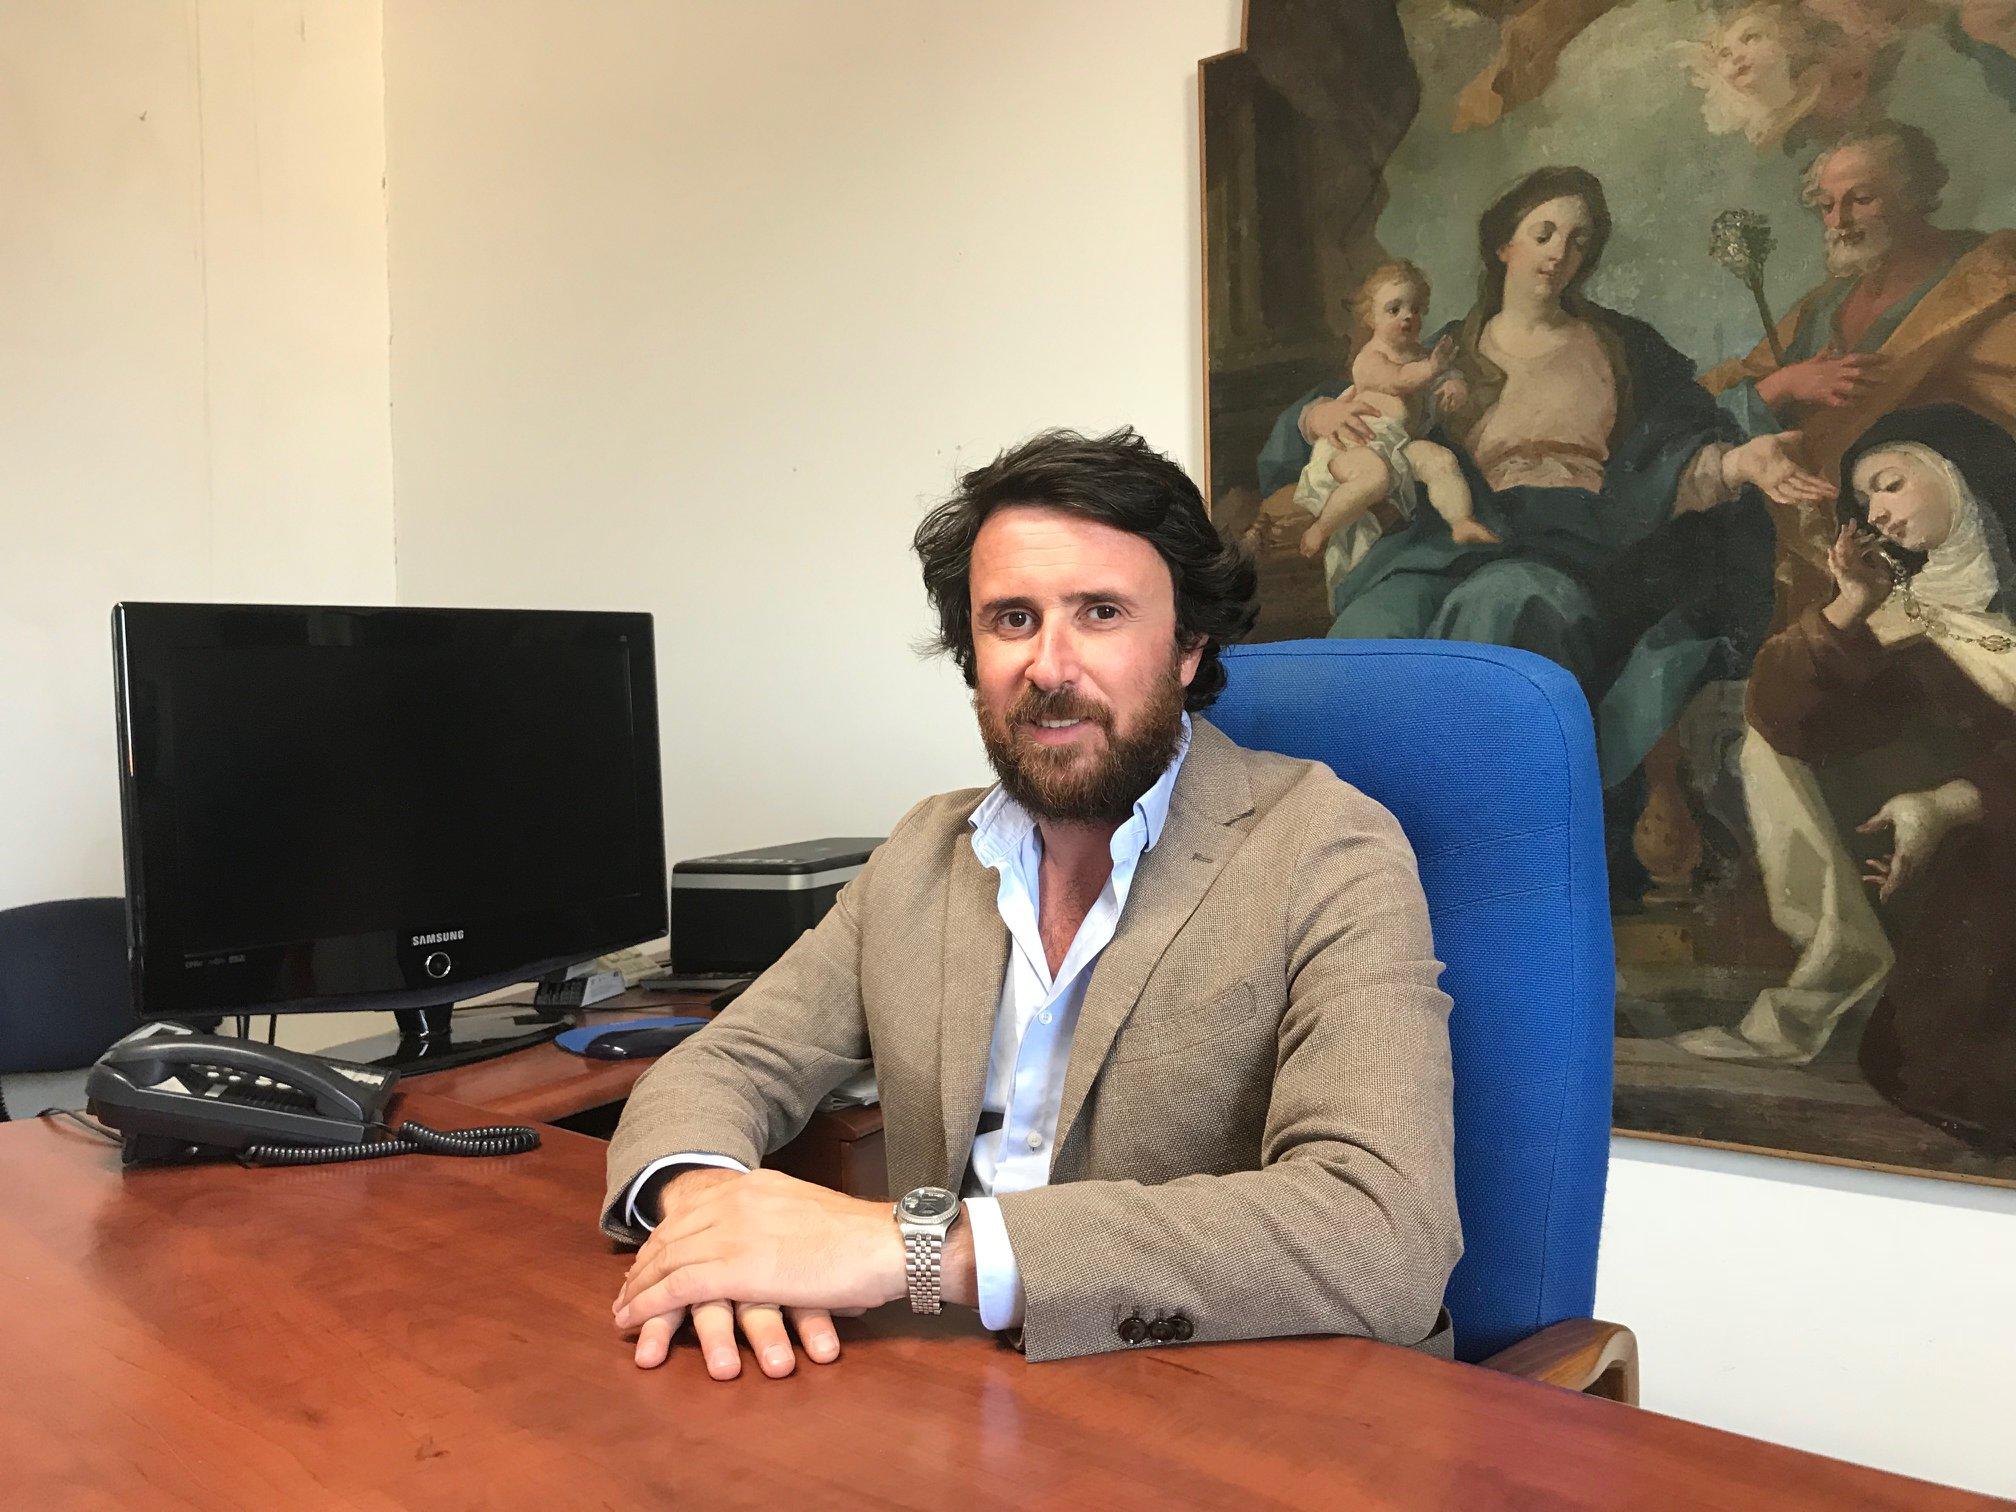 Pubblico e privato, il gigantesco conflitto d'interessi di Marco De Carolis, assessore alla cultura e amministratore unico della società Sbc sas